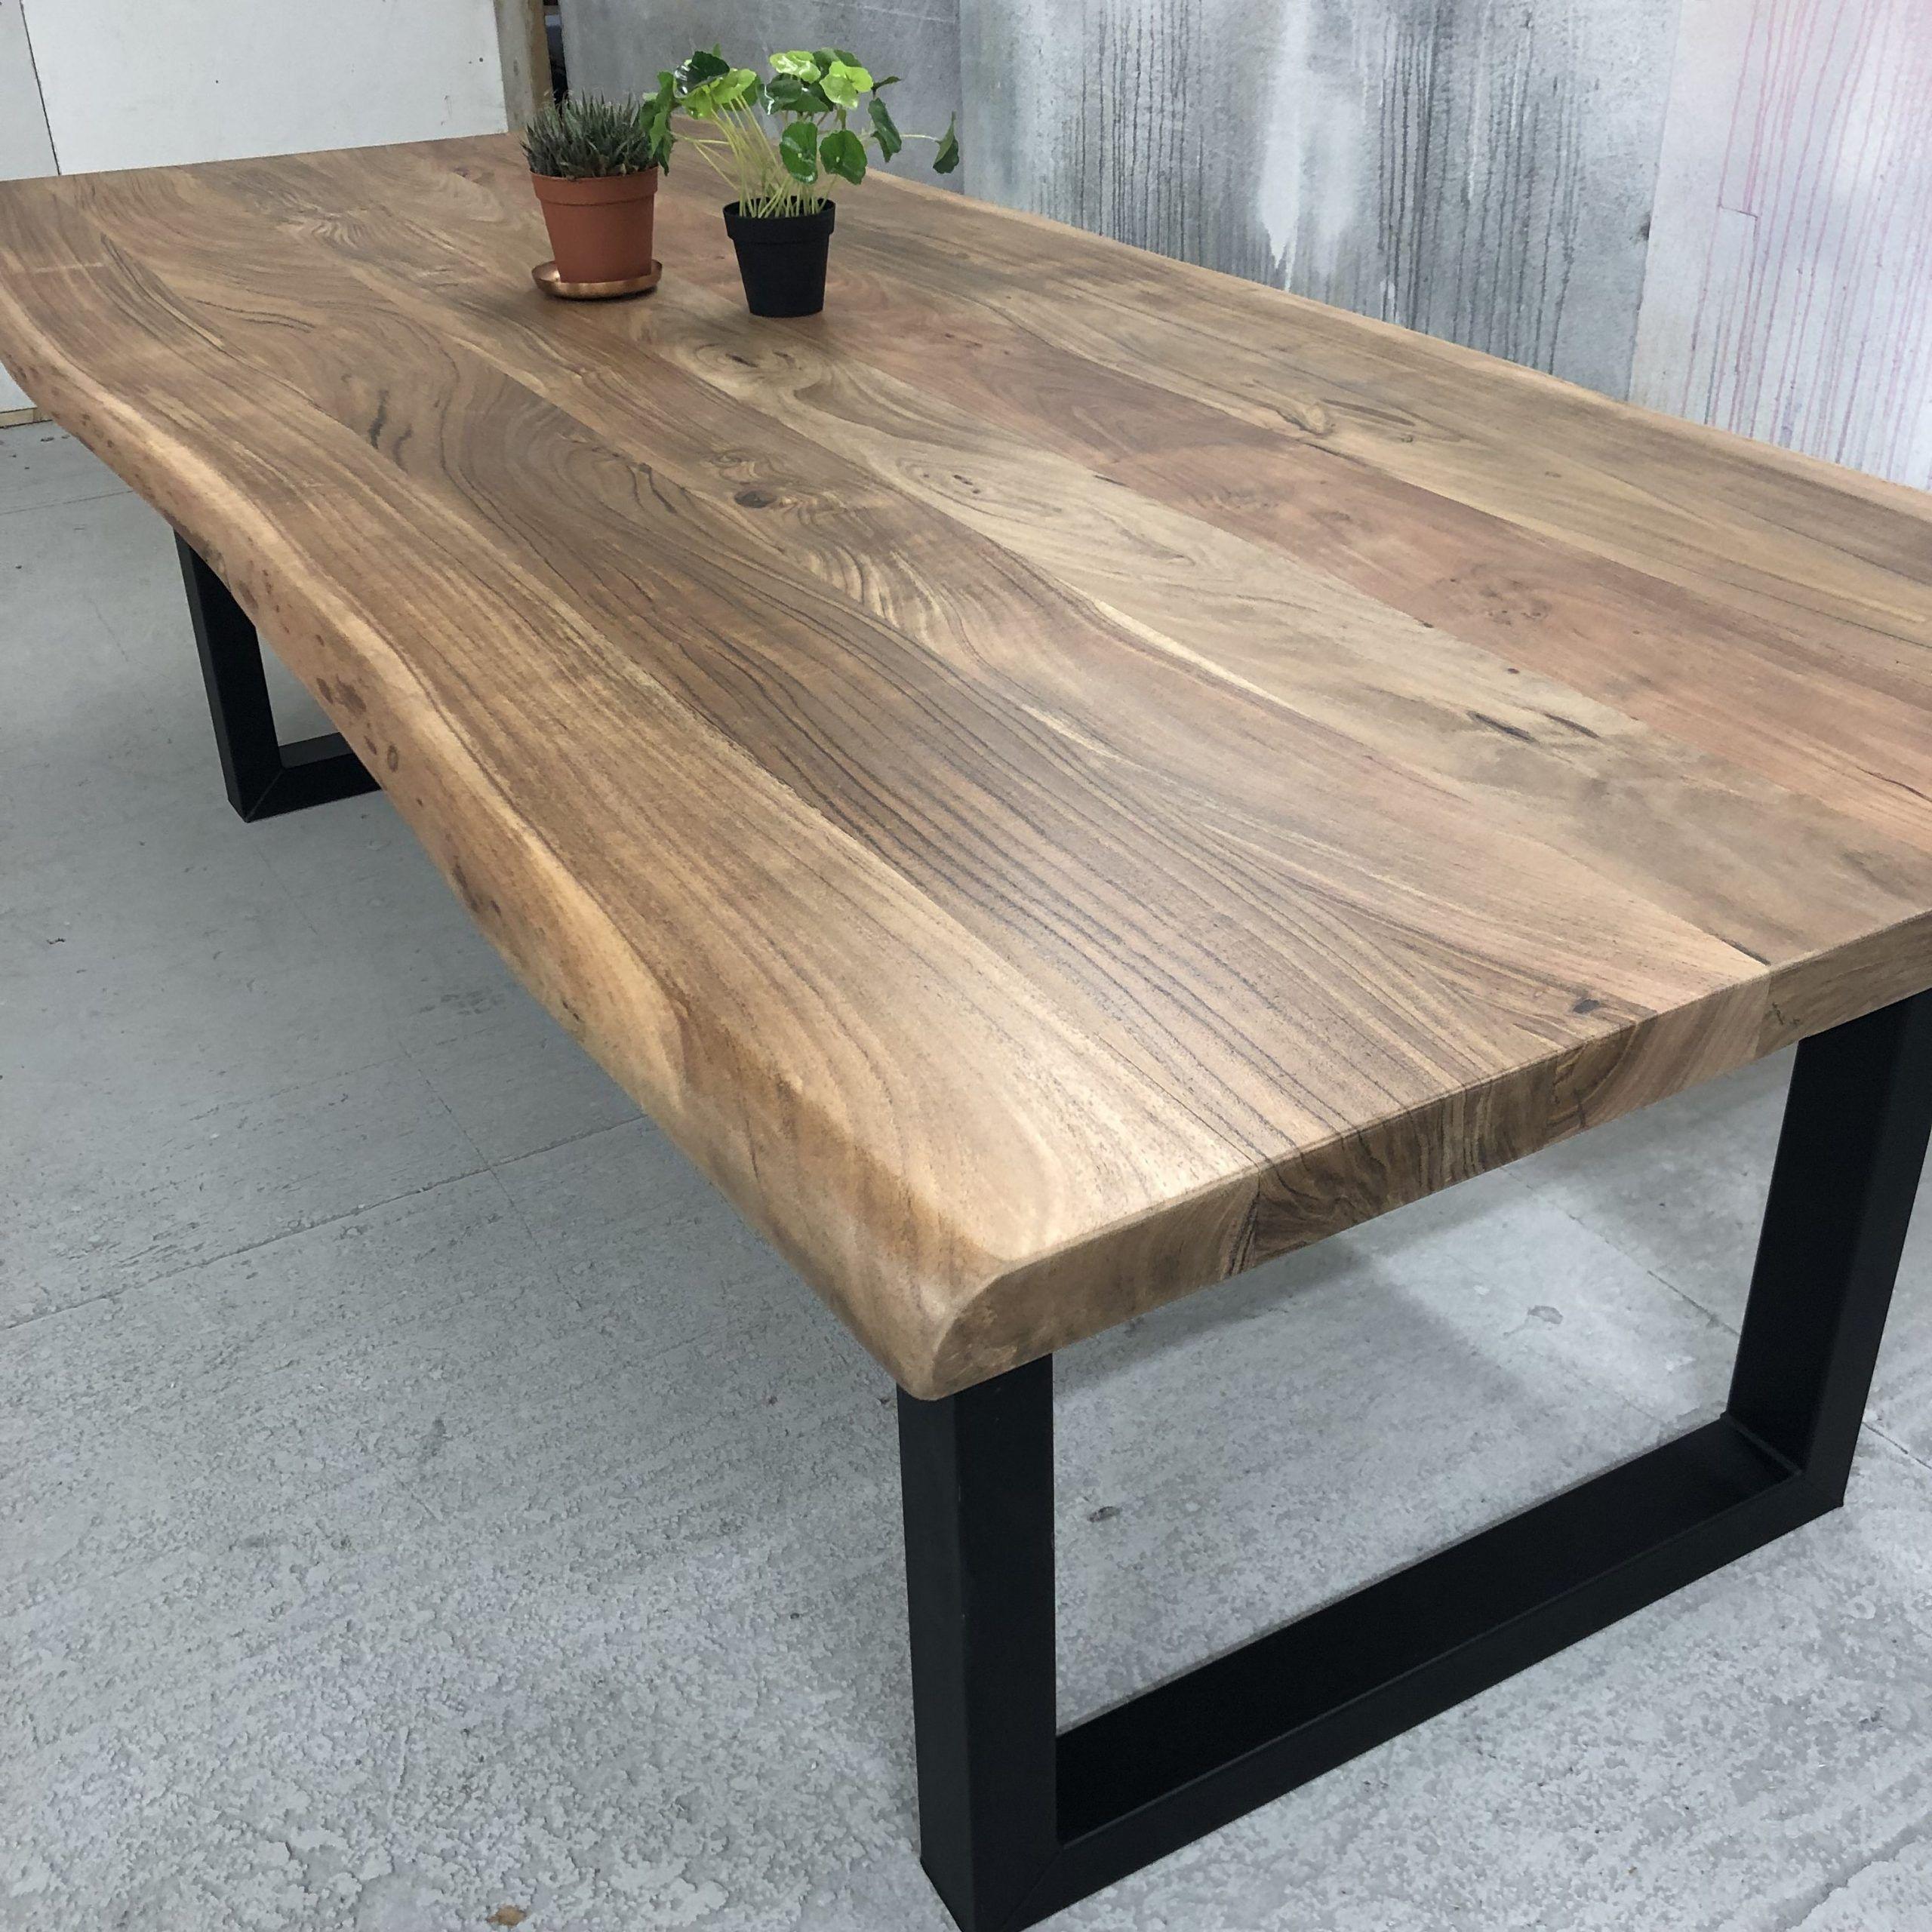 Baumstamm Tisch In 2020 Esstisch Modern Baumstamm Tisch Tisch